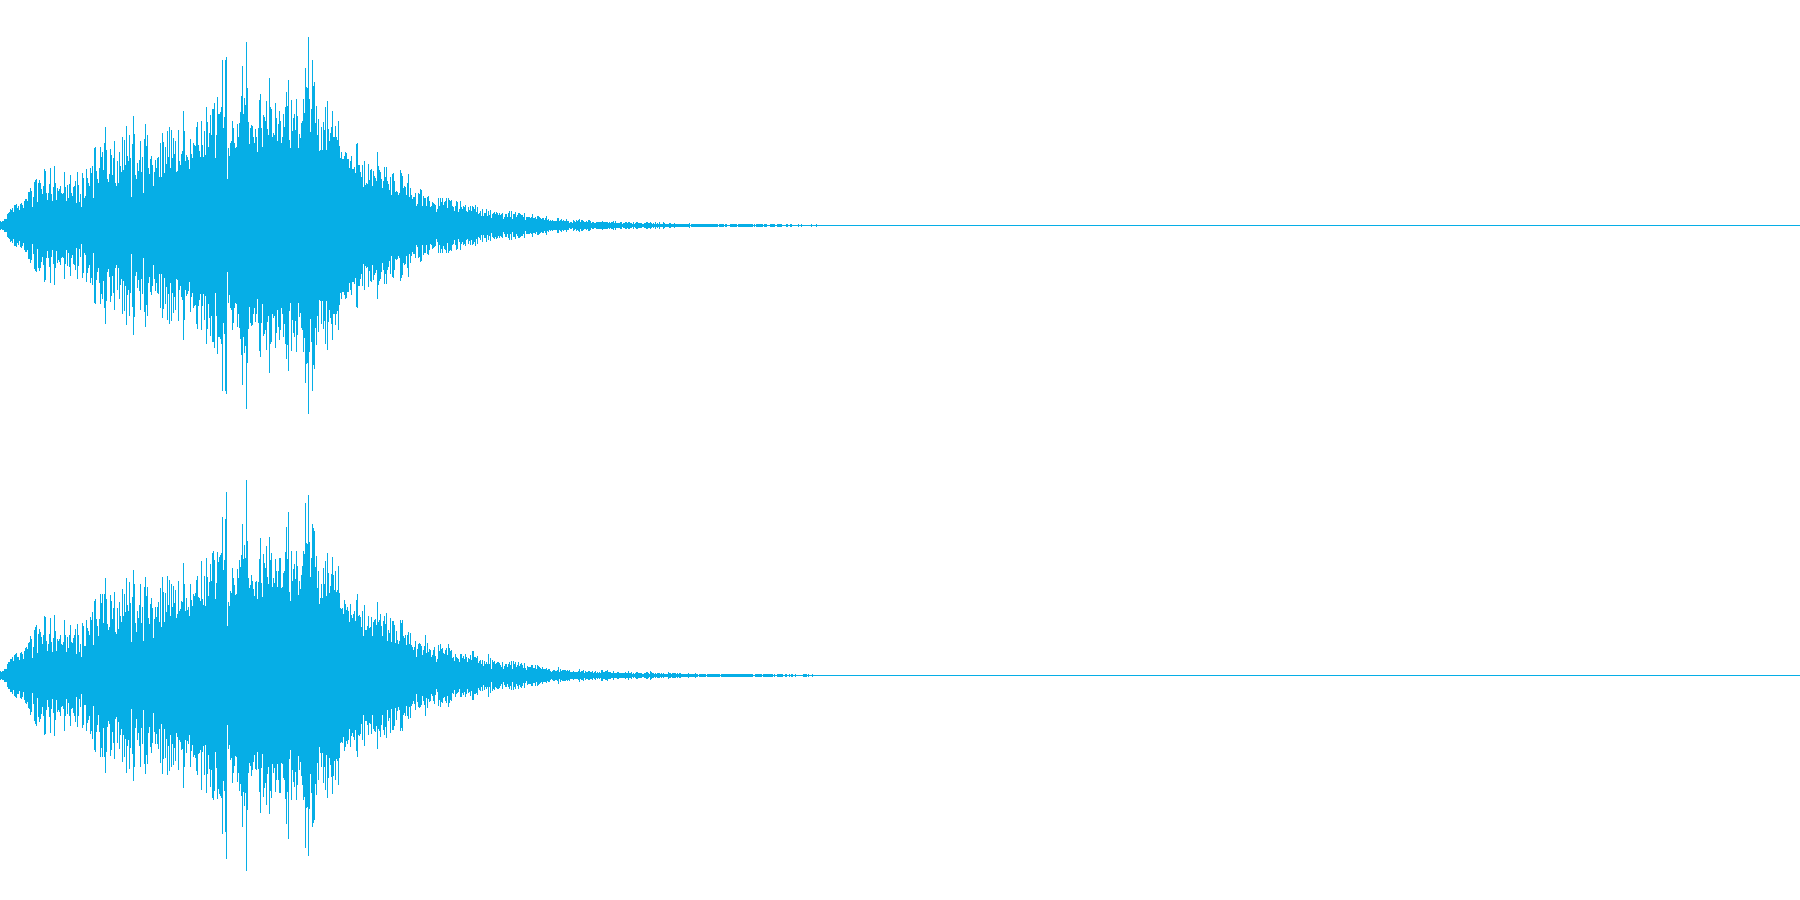 流れ星がオチてくるような音の再生済みの波形